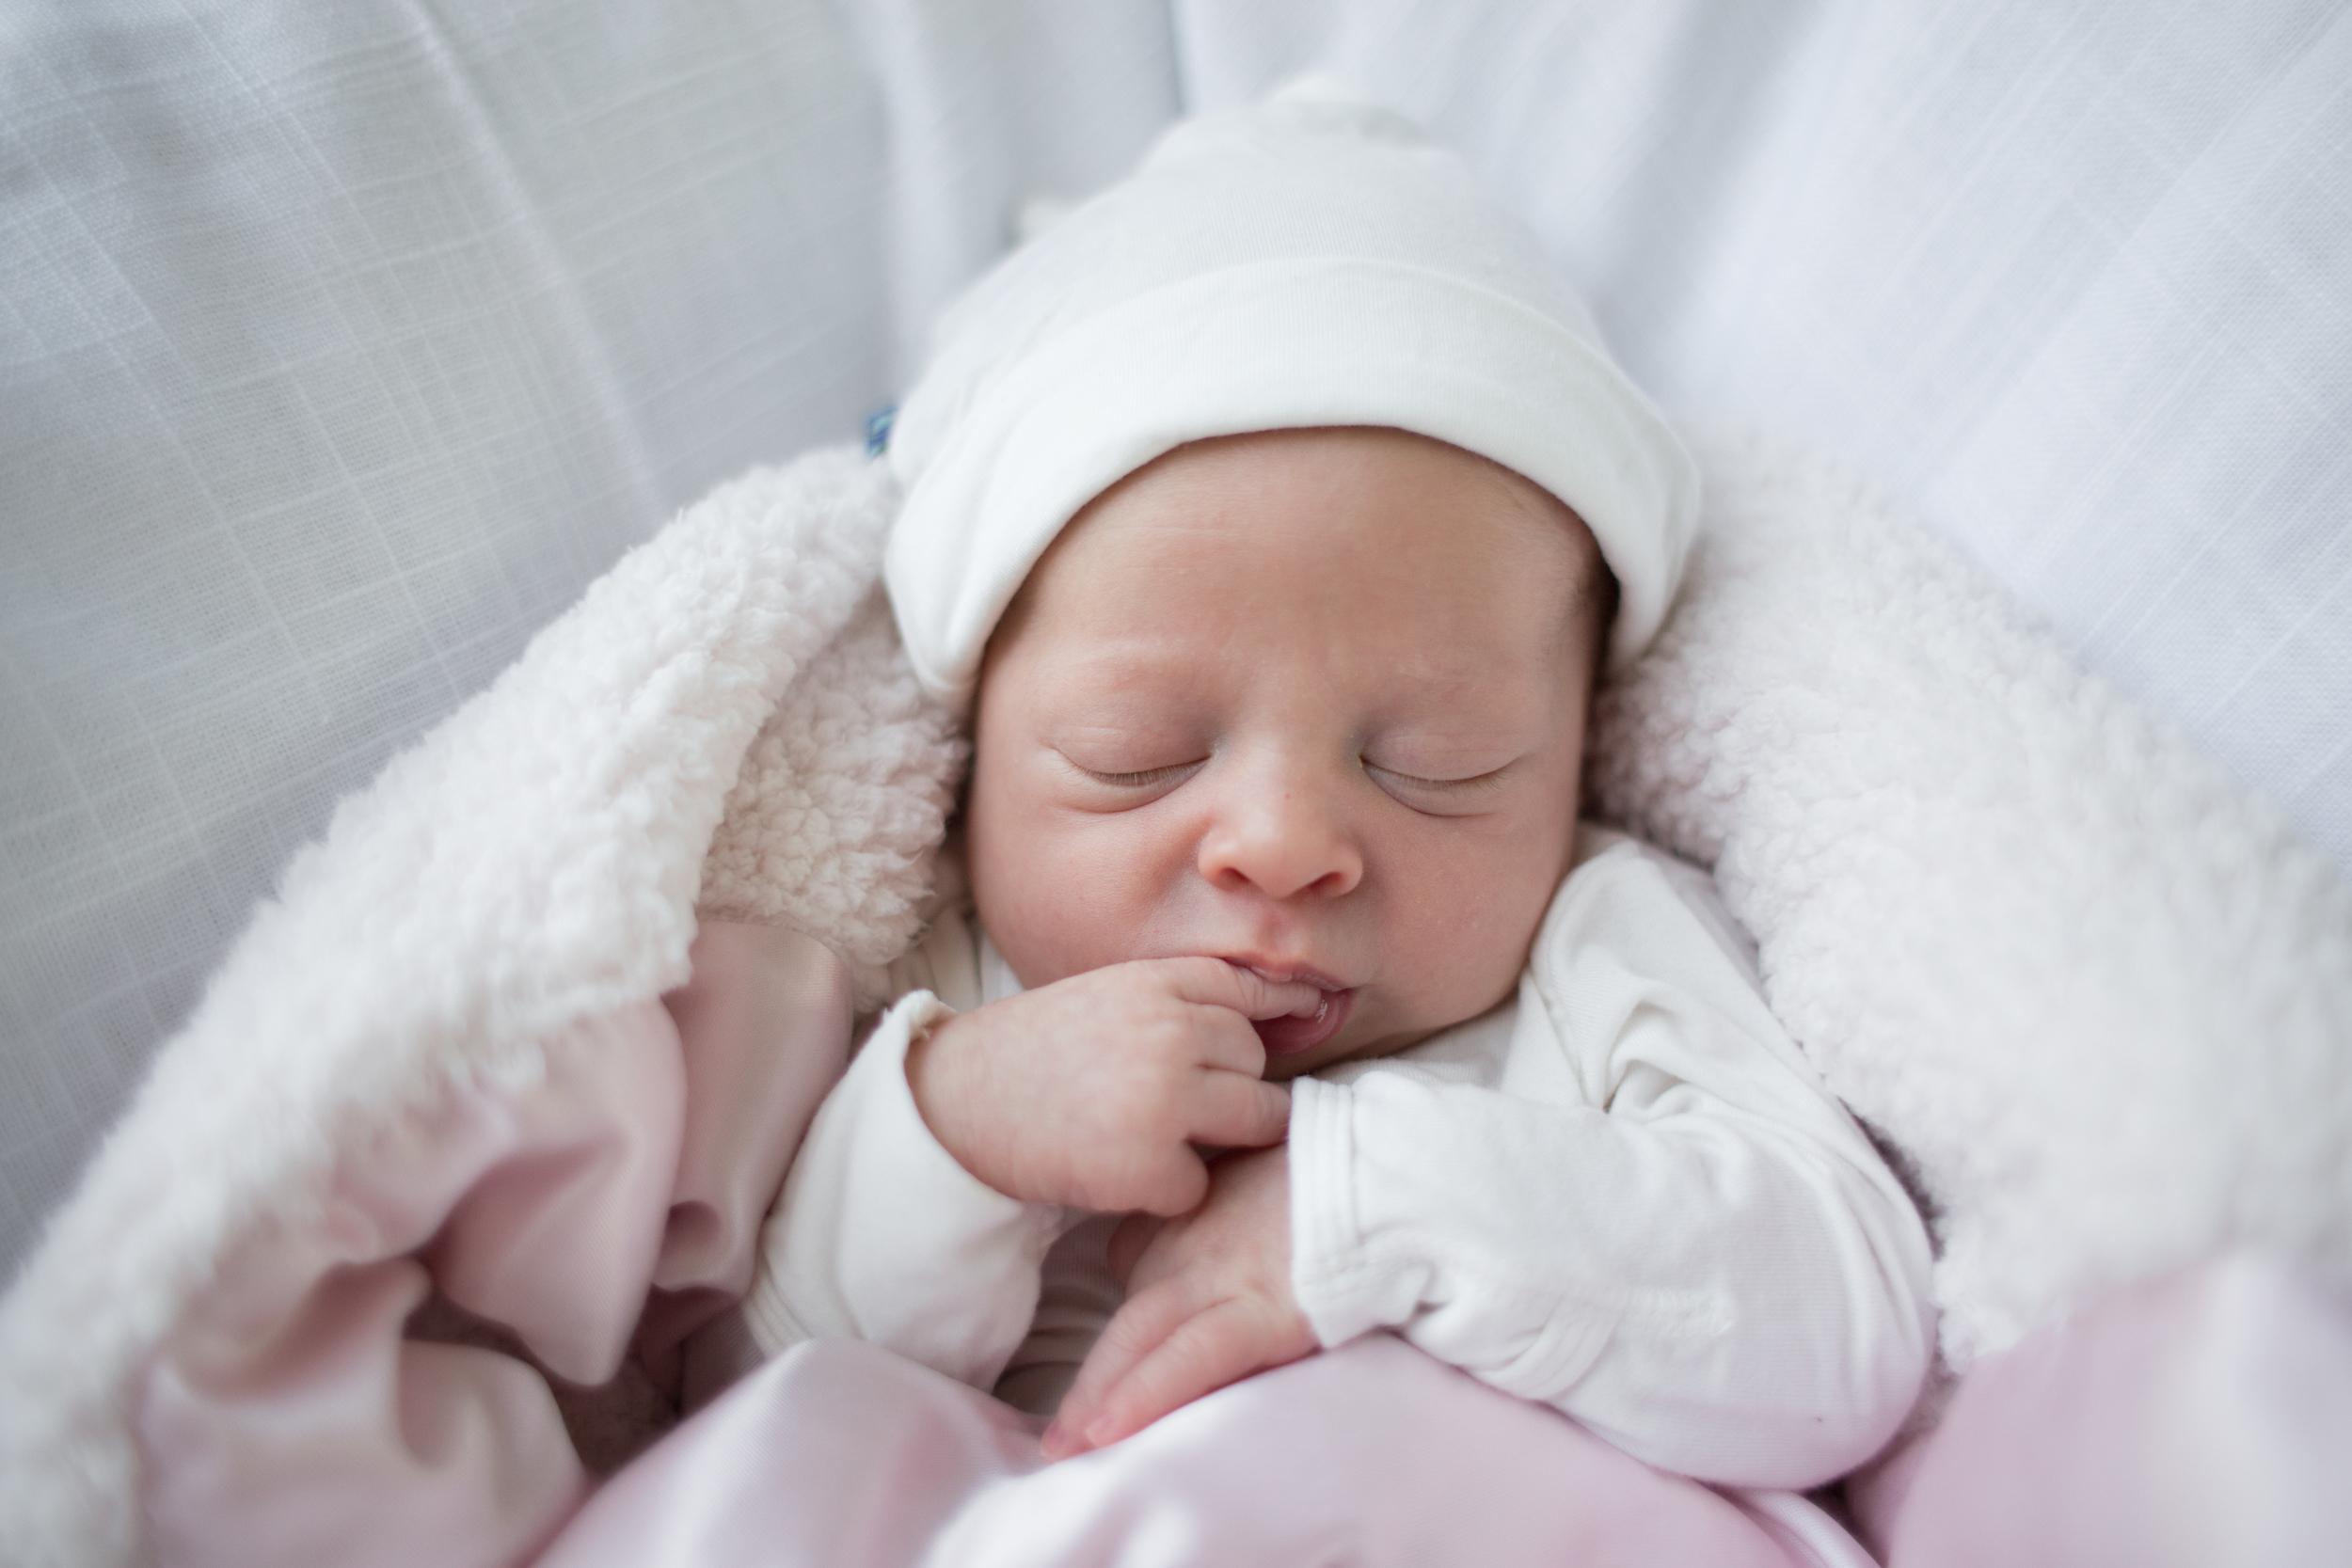 josie 10 days old-18.jpg